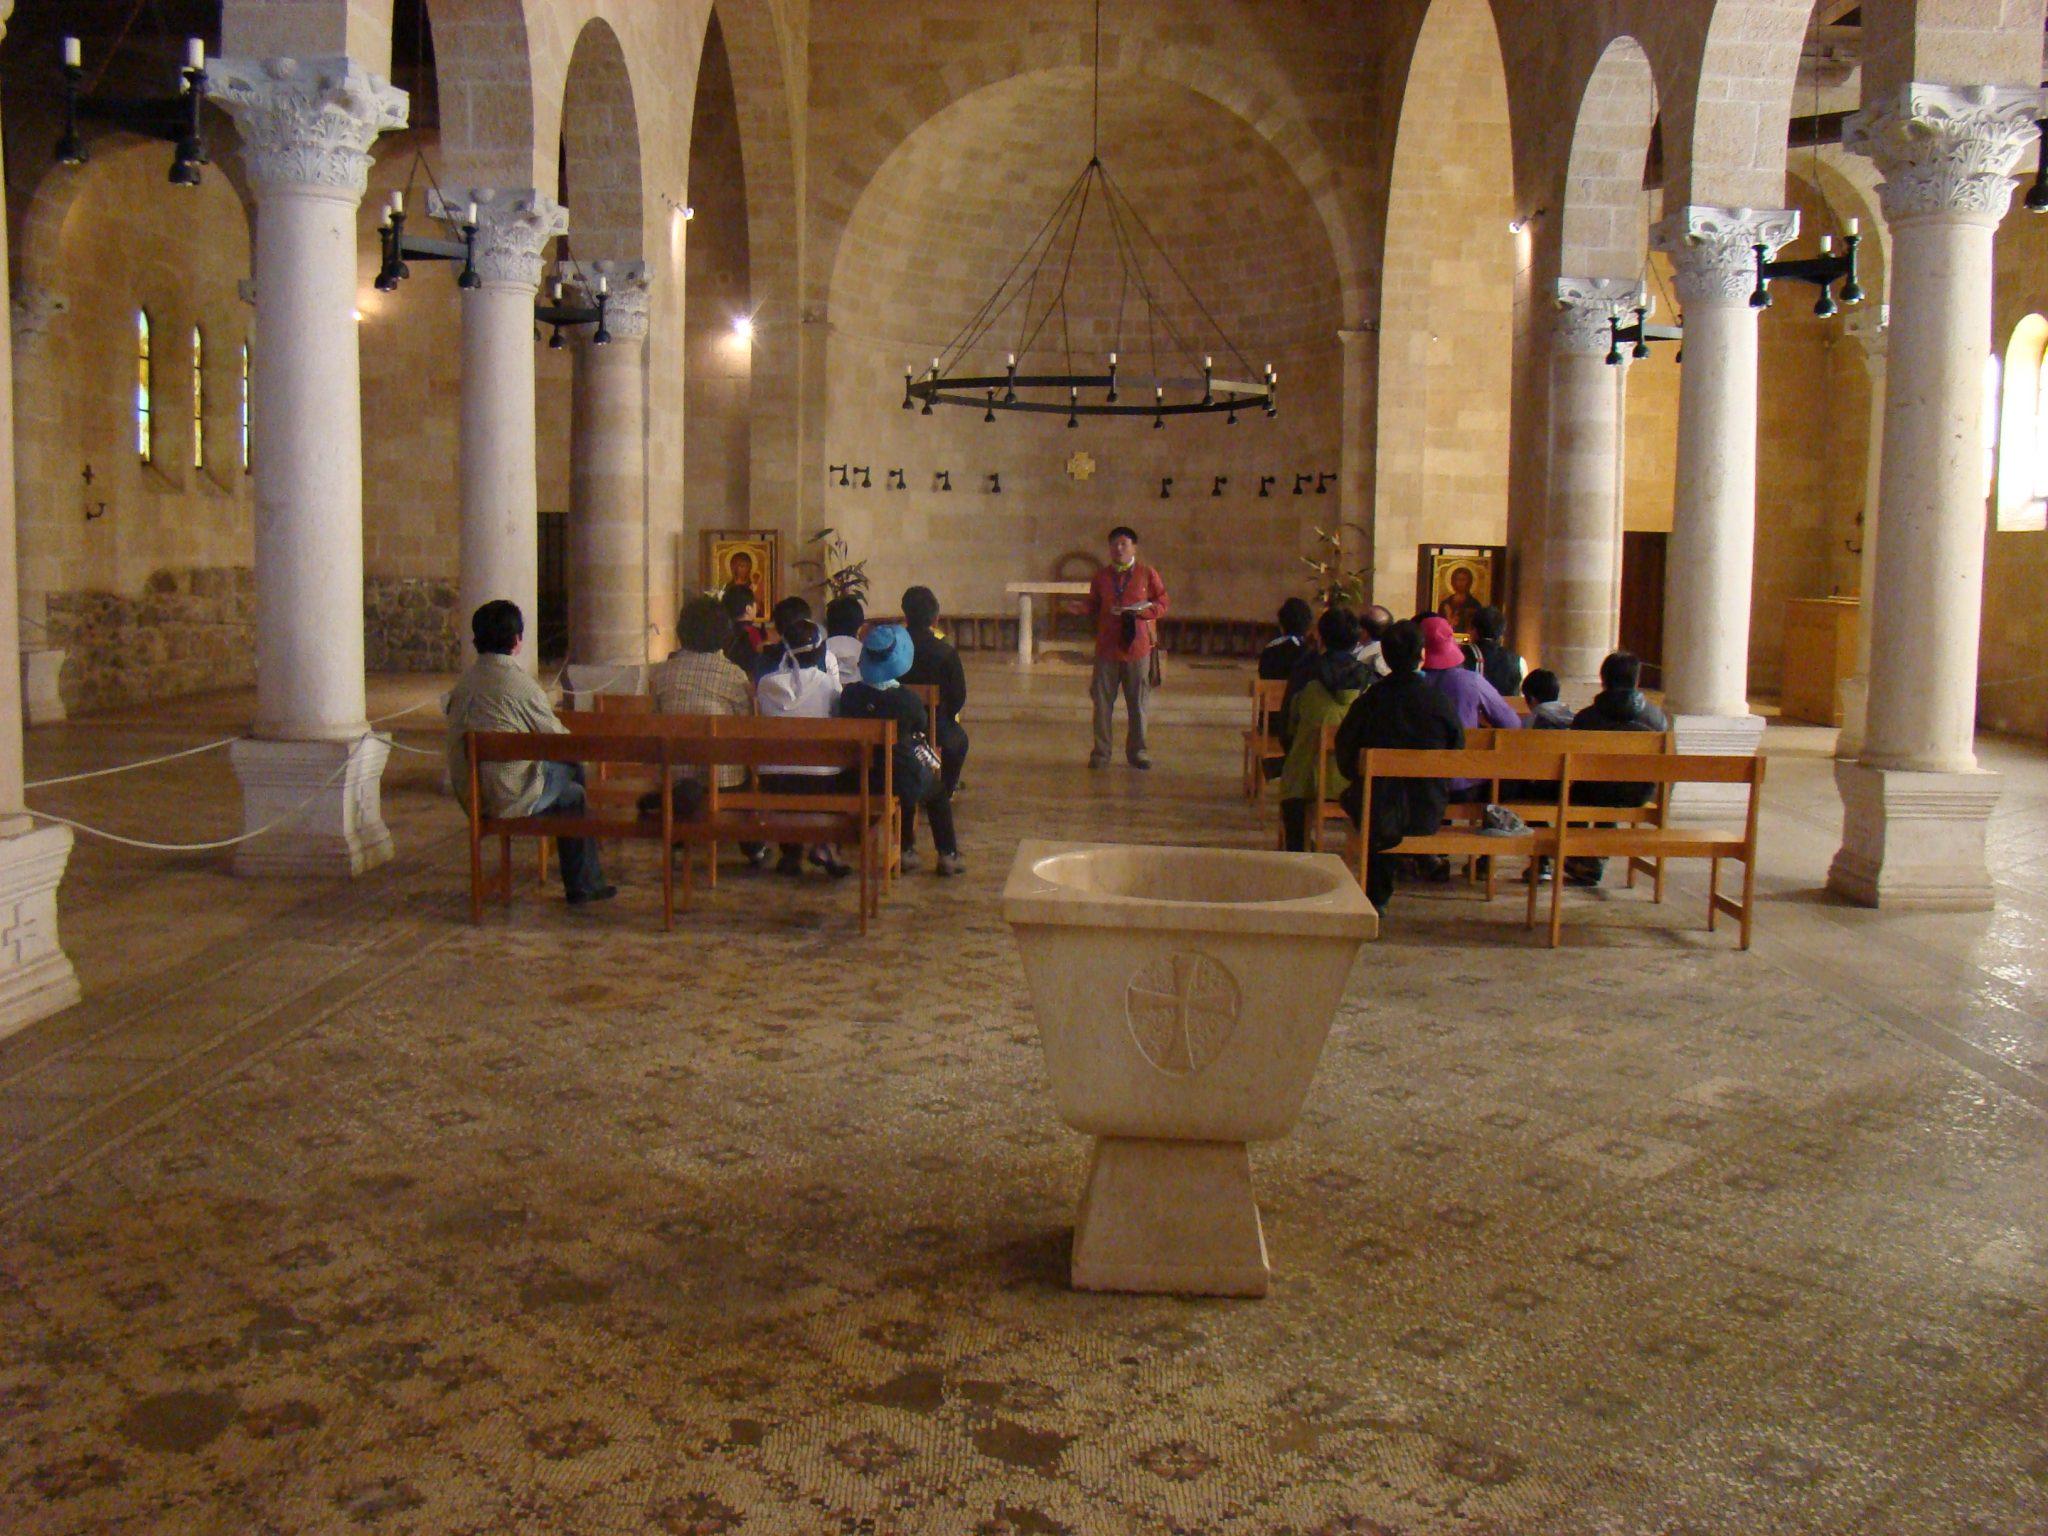 אולם כנסיית הלחם והדגים, טיילת הבשורה בצפון הכינרת